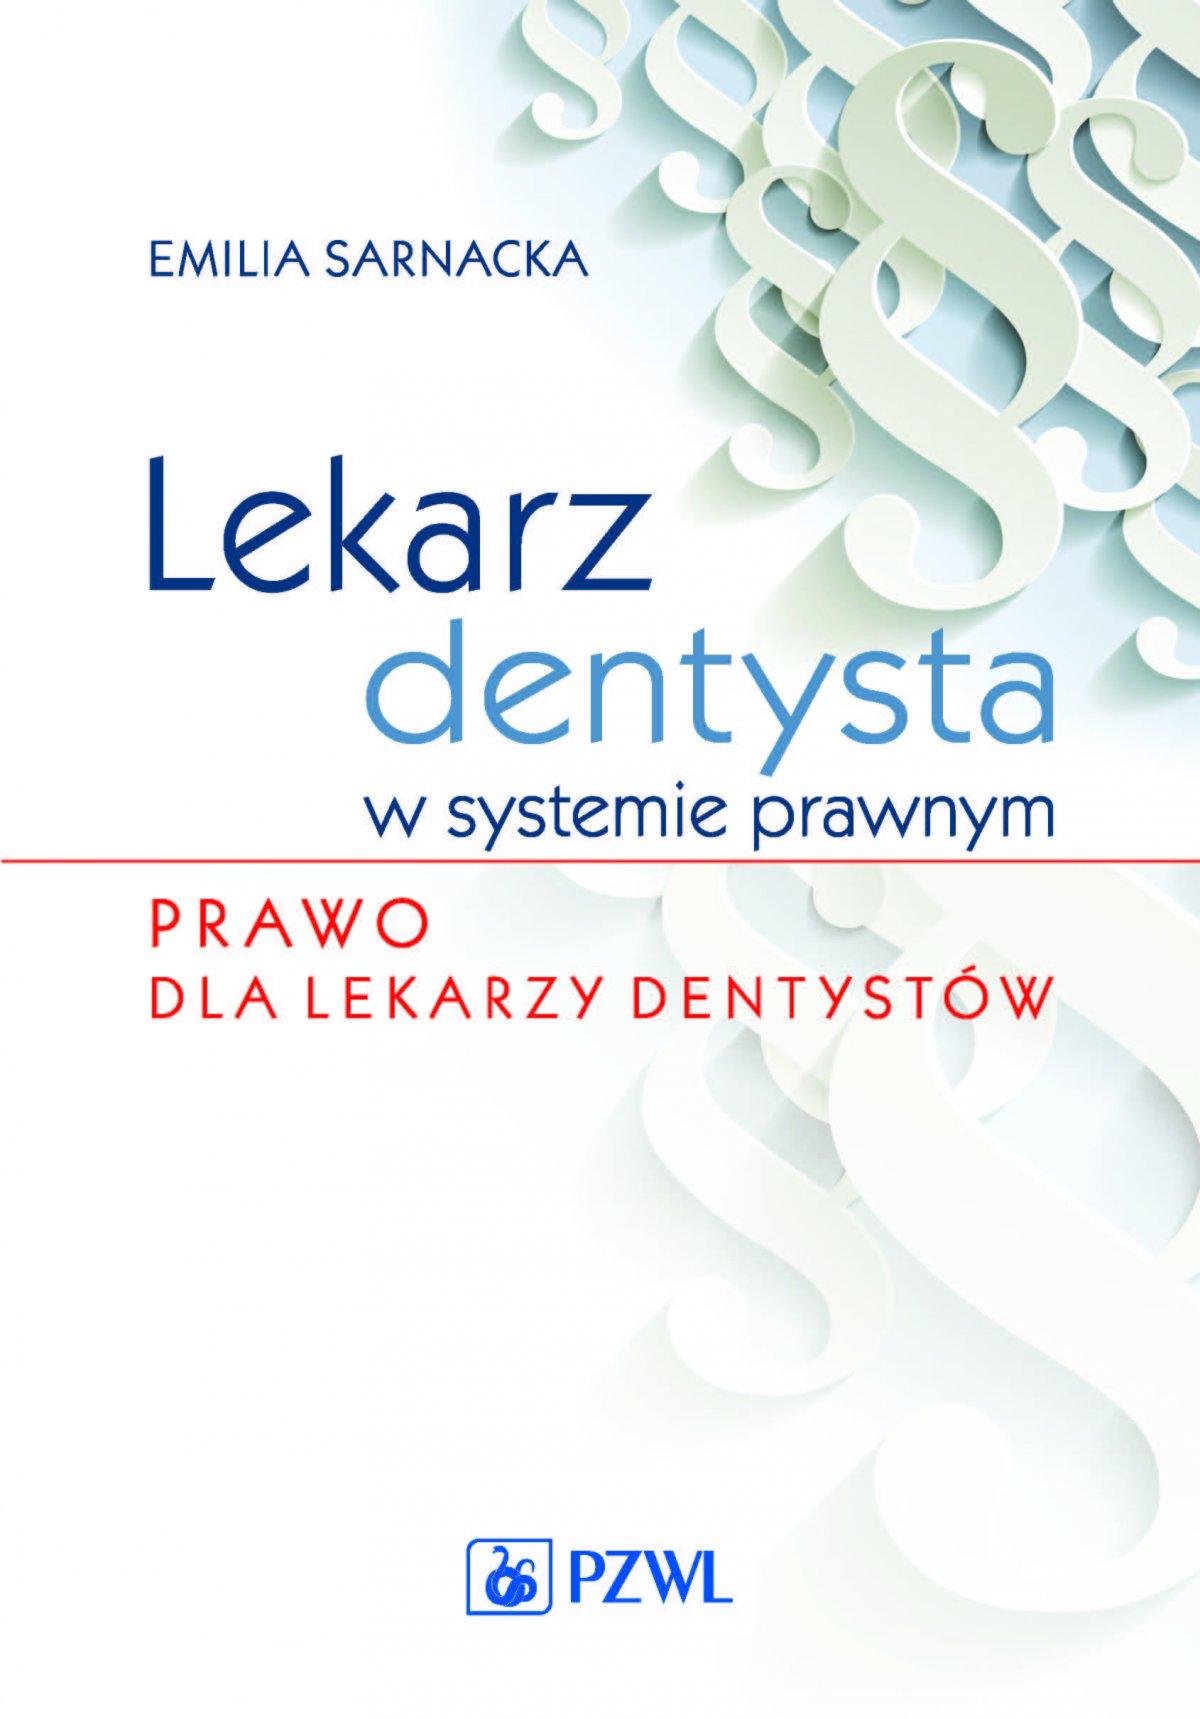 Lekarz dentysta w systemie prawnym - Ebook (Książka na Kindle) do pobrania w formacie MOBI